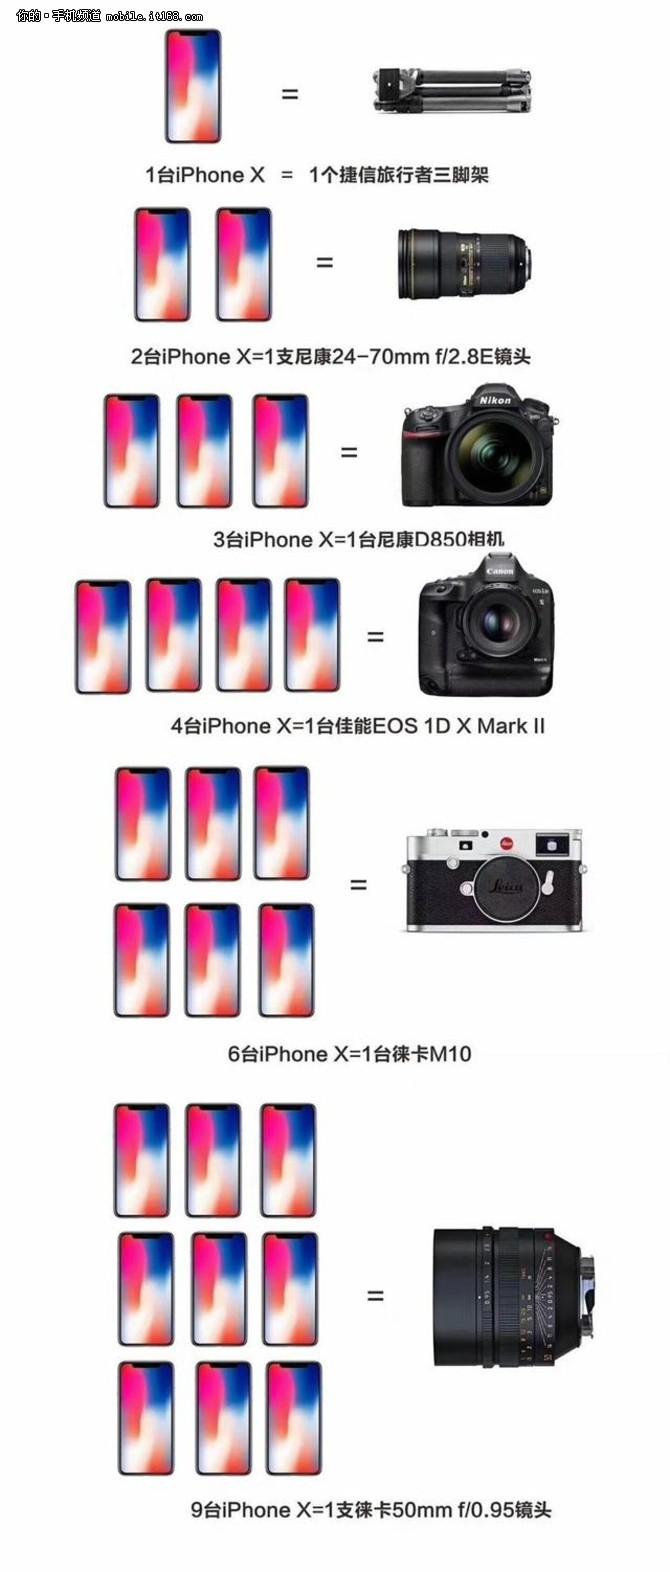 和这些比起来 你的iPhone X真的很贵吗